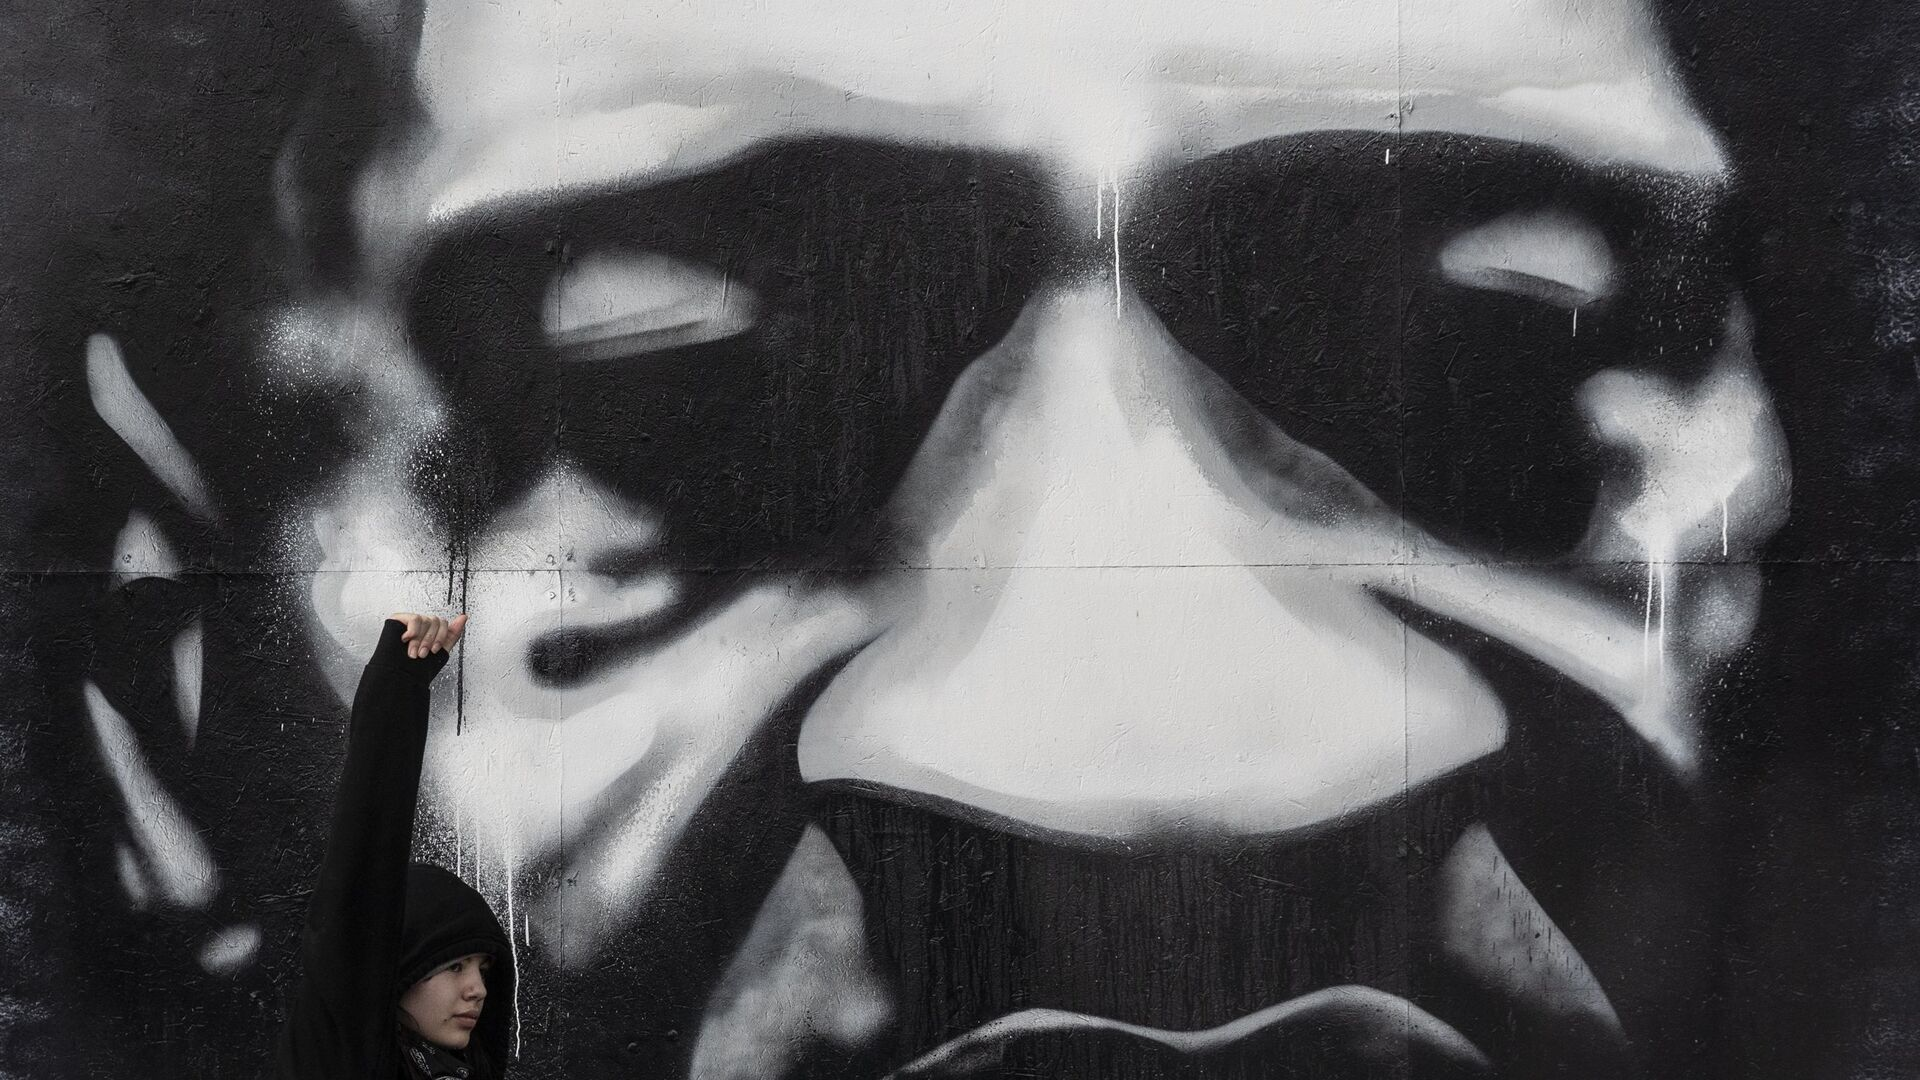 Γκράφτι με τον Τζορτζ Φλόιντ - Sputnik Ελλάδα, 1920, 05.10.2021